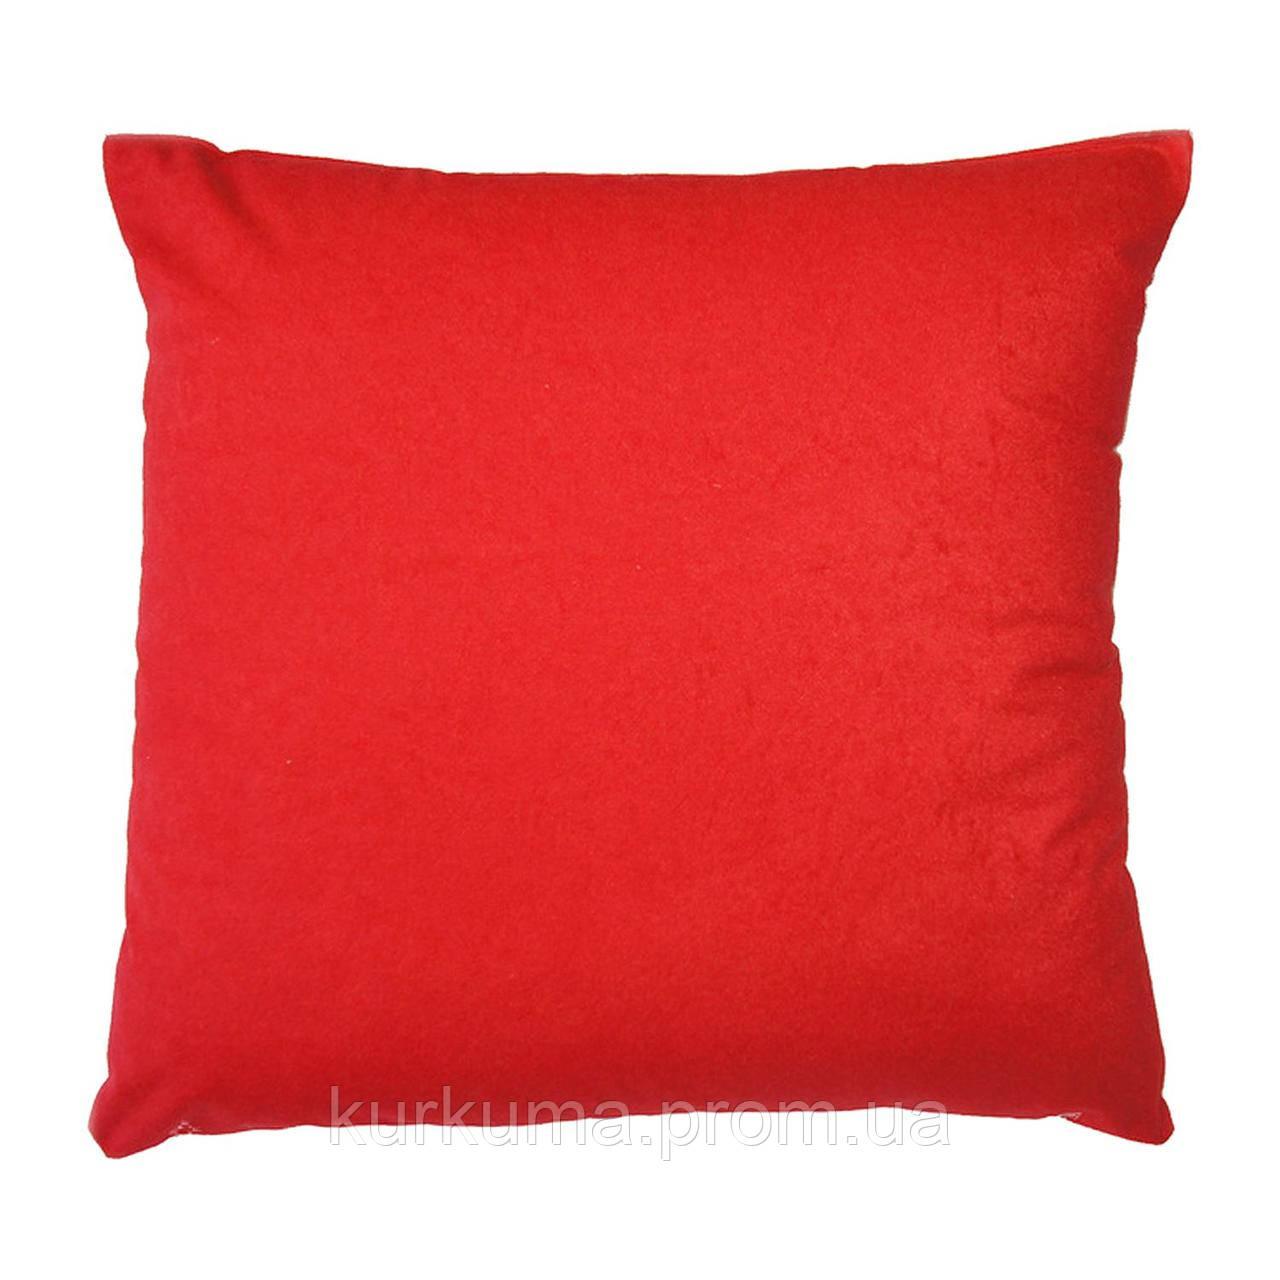 Декоративная подушка MALAGA 50x50 см